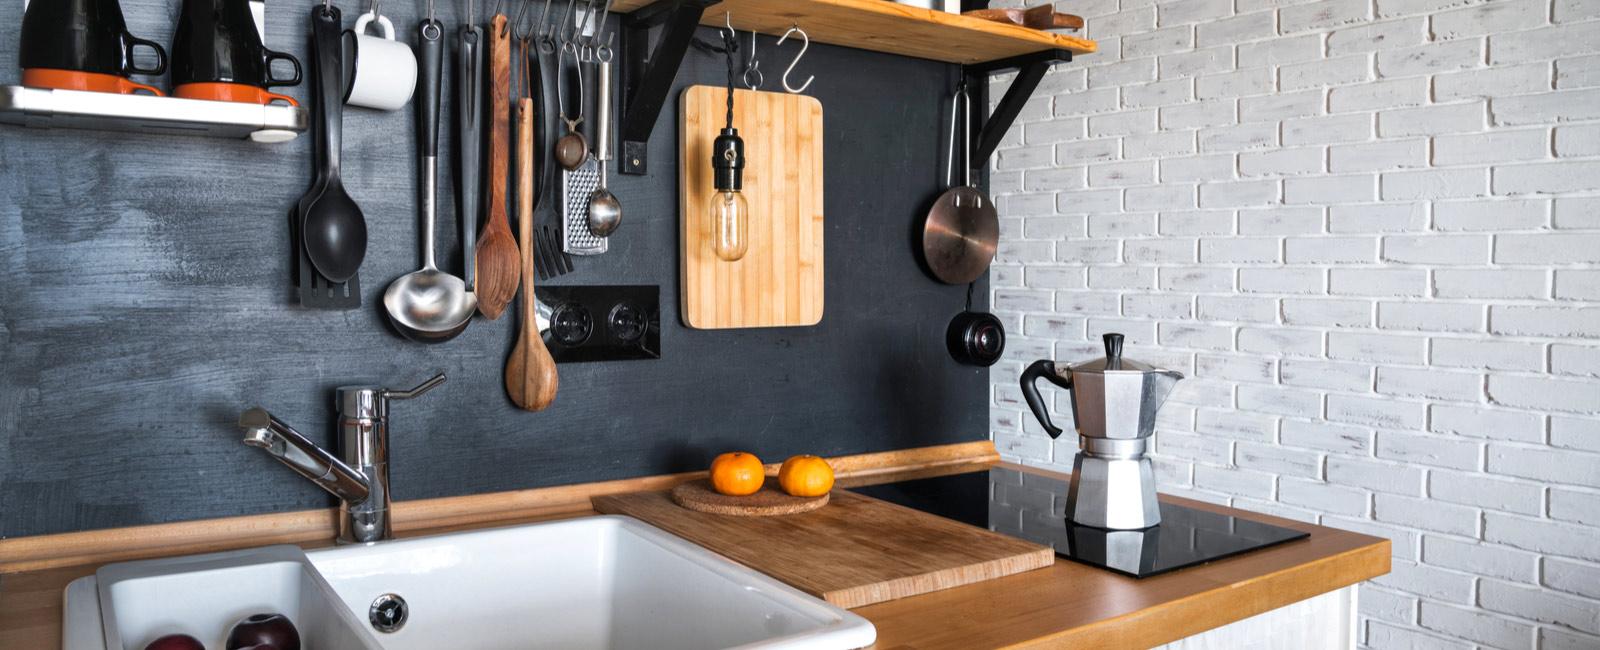 Repeindre Meuble Cuisine Rustique comment relooker une cuisine rustique? prix, coût, devis